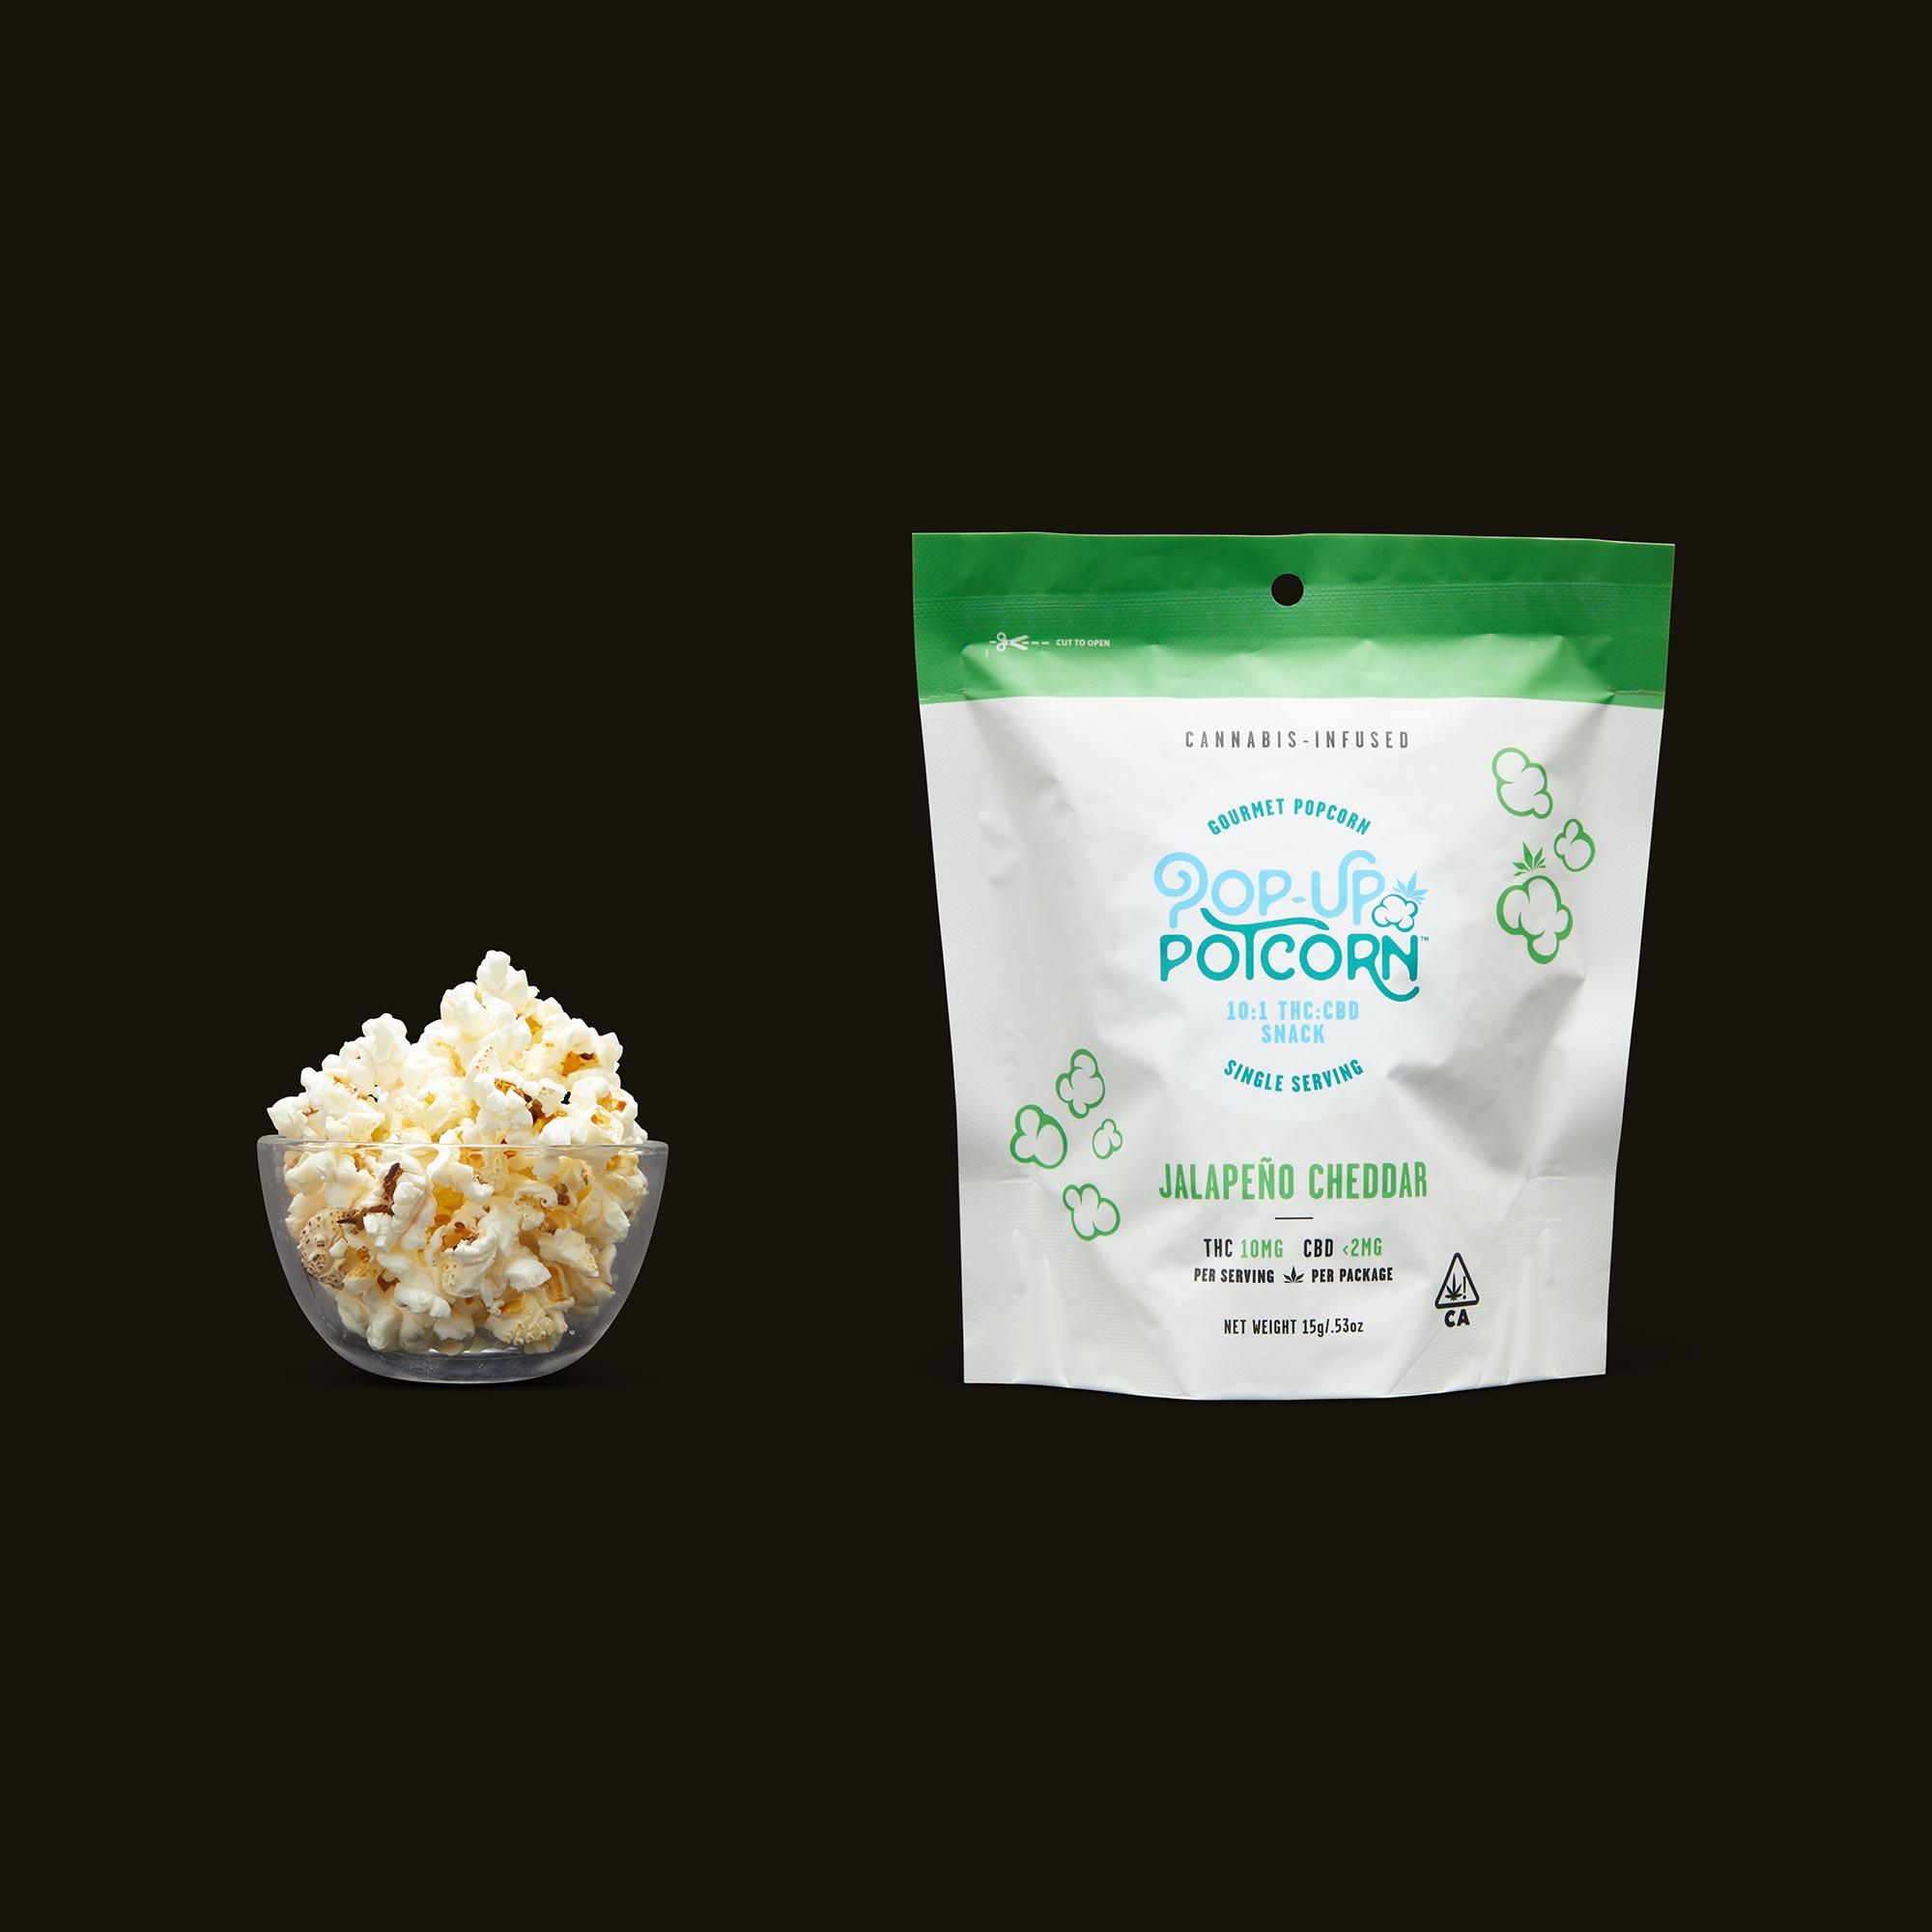 Pop-Up Potcorn Jalapeno Cheddar Popcorn 10:1 - Single